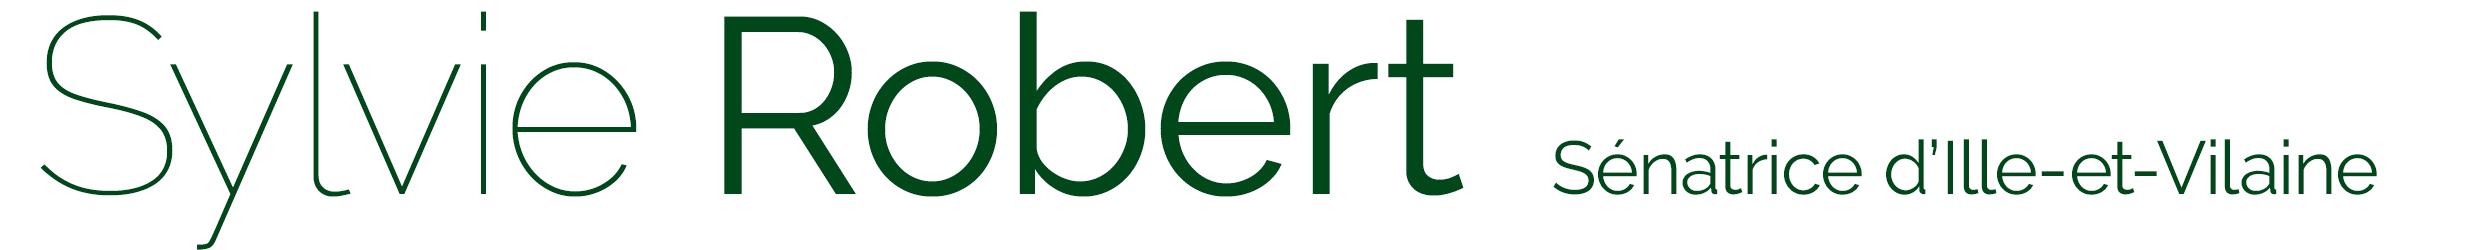 Sylvie Robert Sénatrice Logo